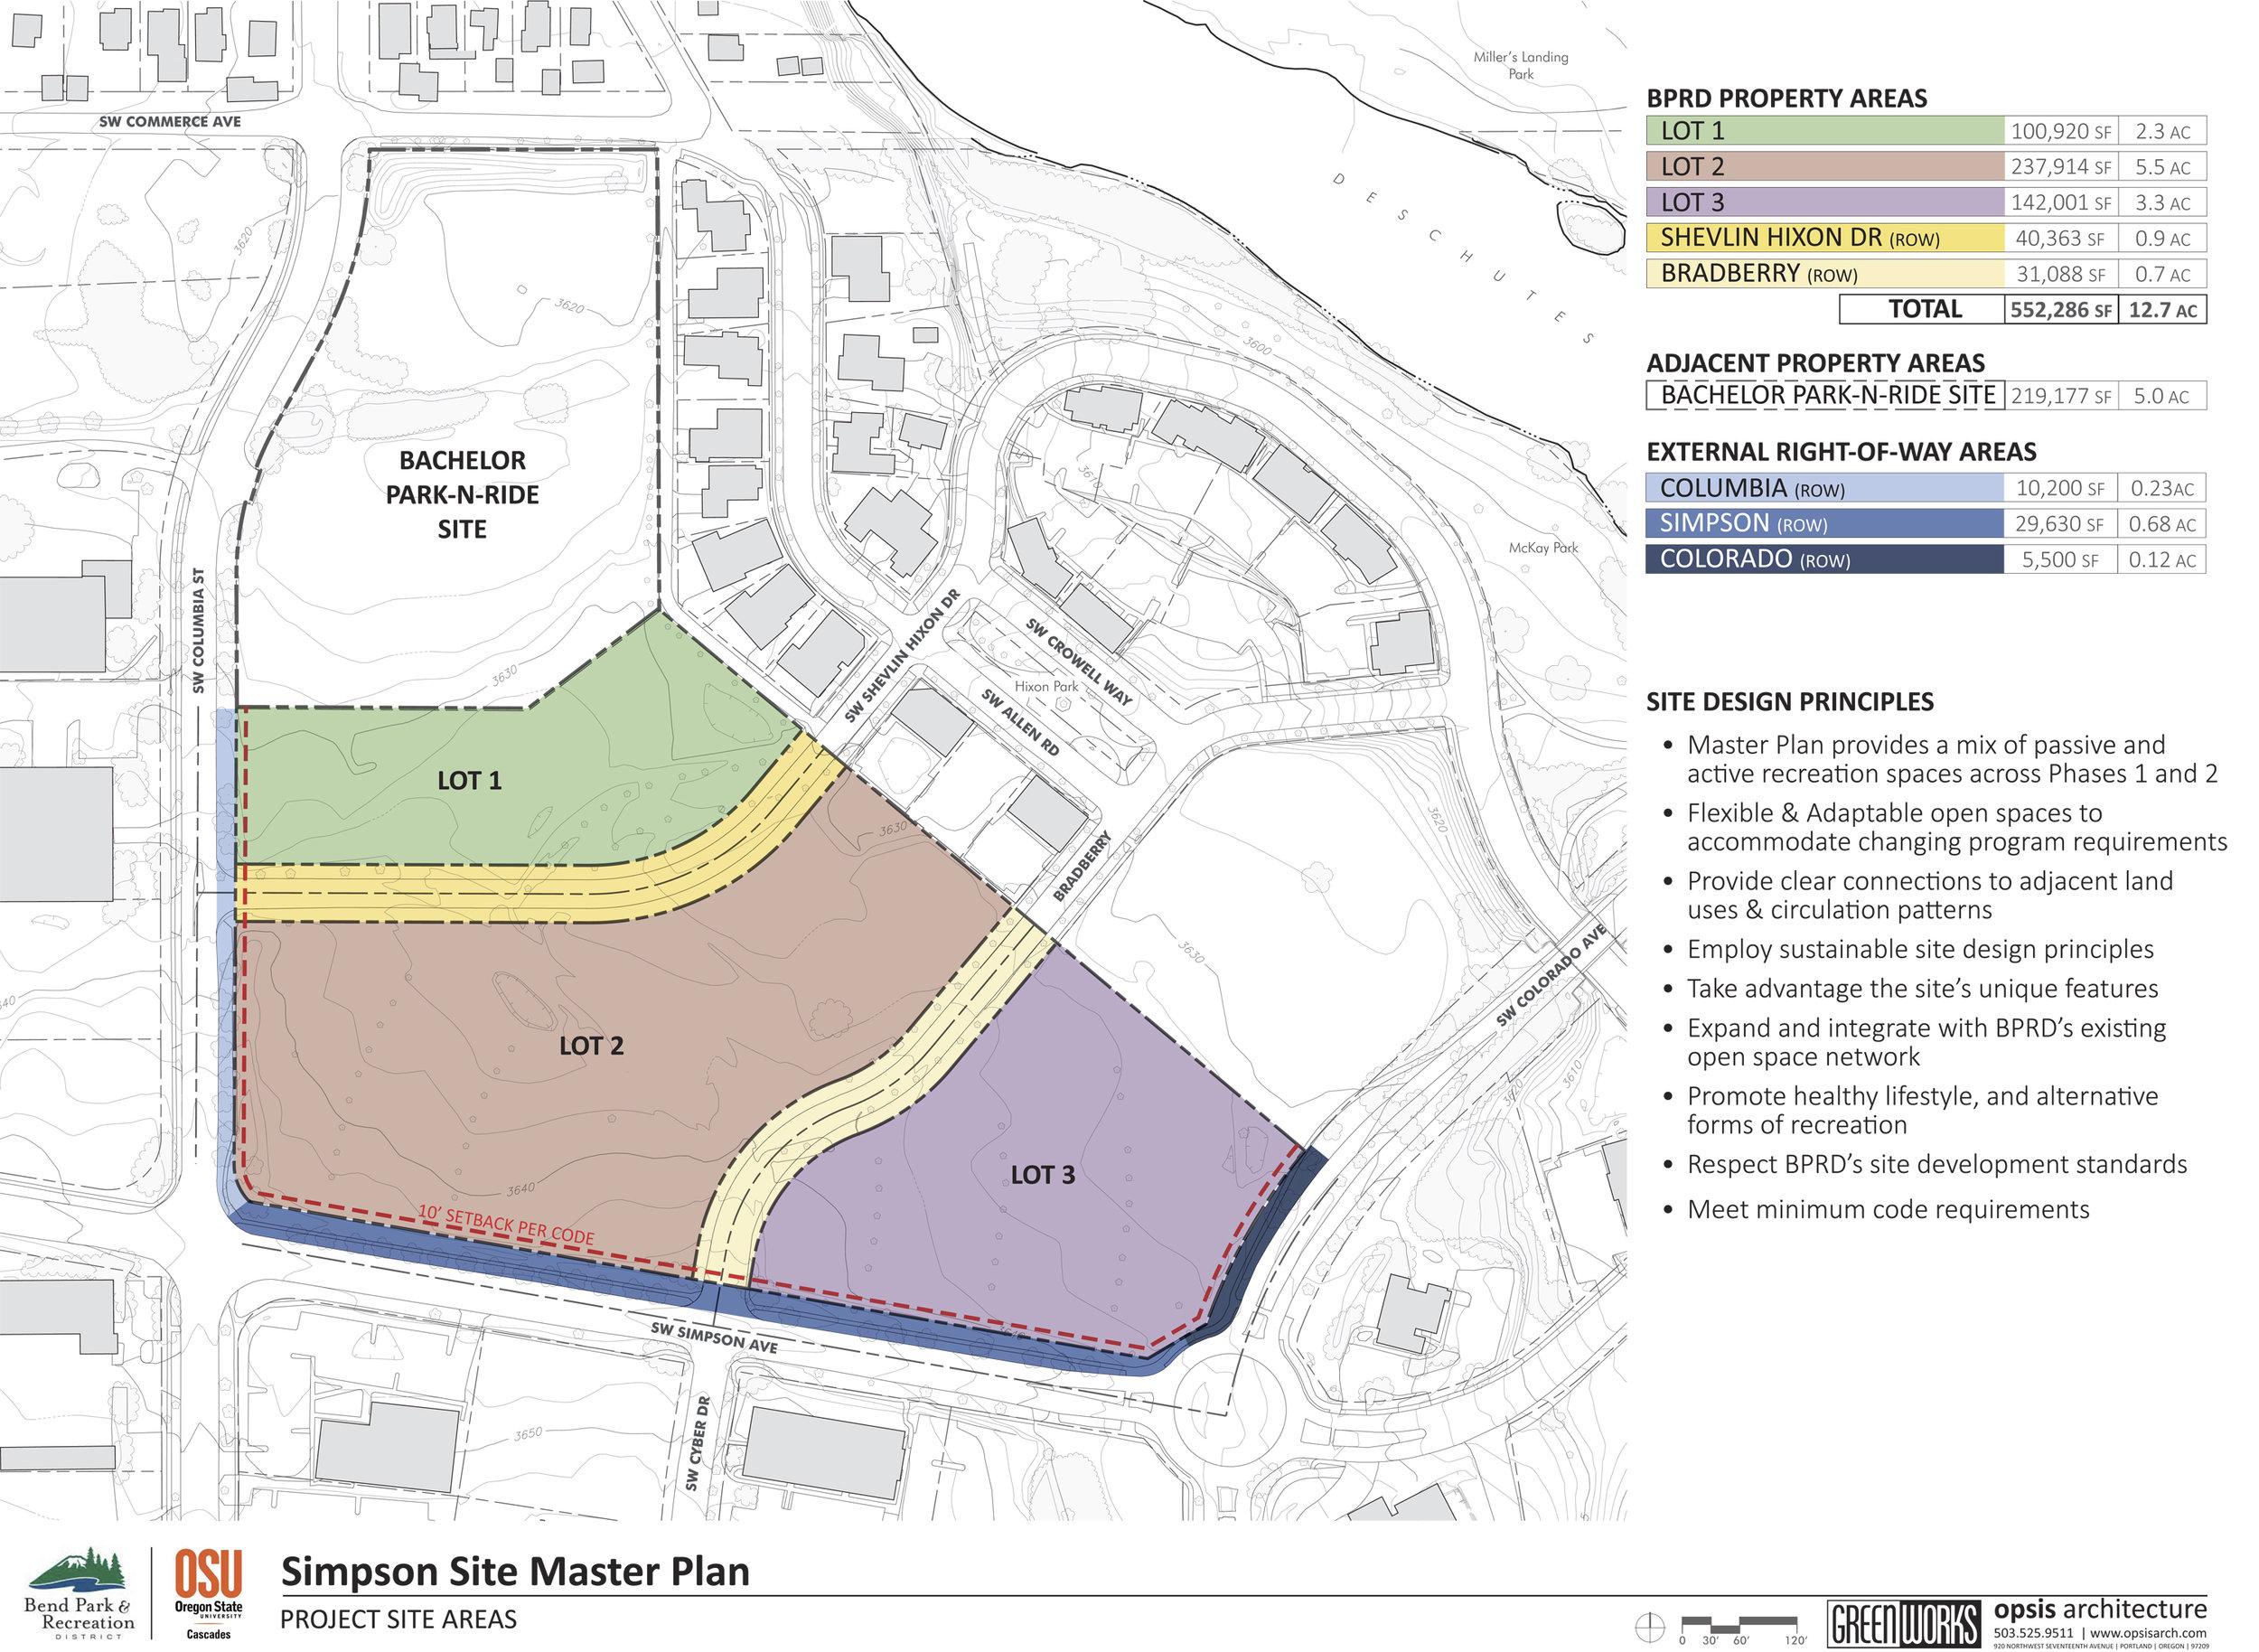 SimpsonSite_Master-Plan_Site_Areas.jpg